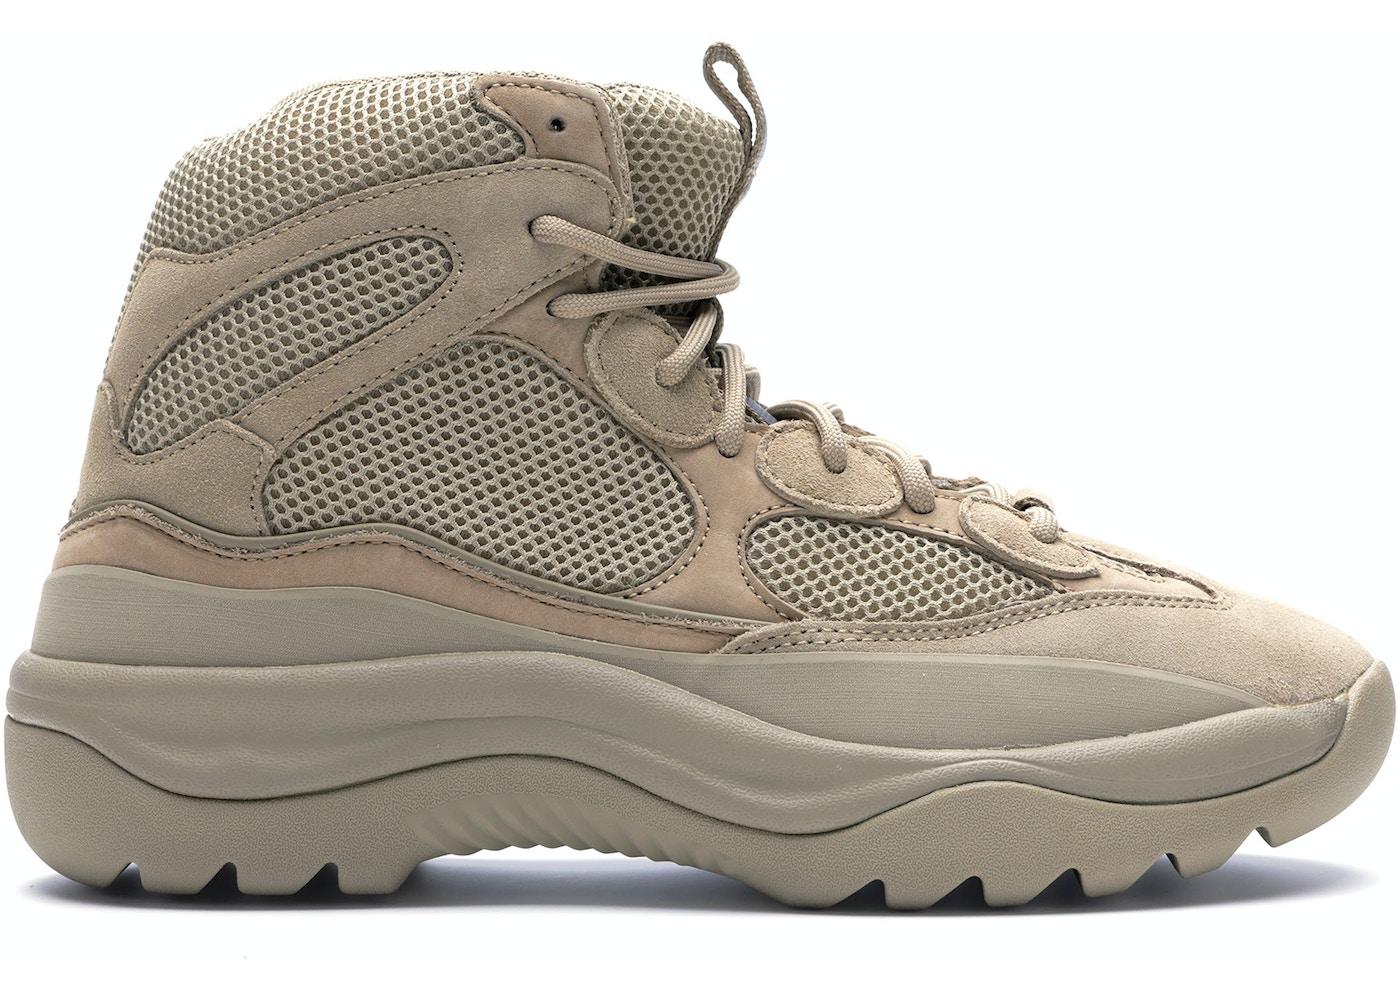 1b1c069c65252 Yeezy Shoes - Volatility